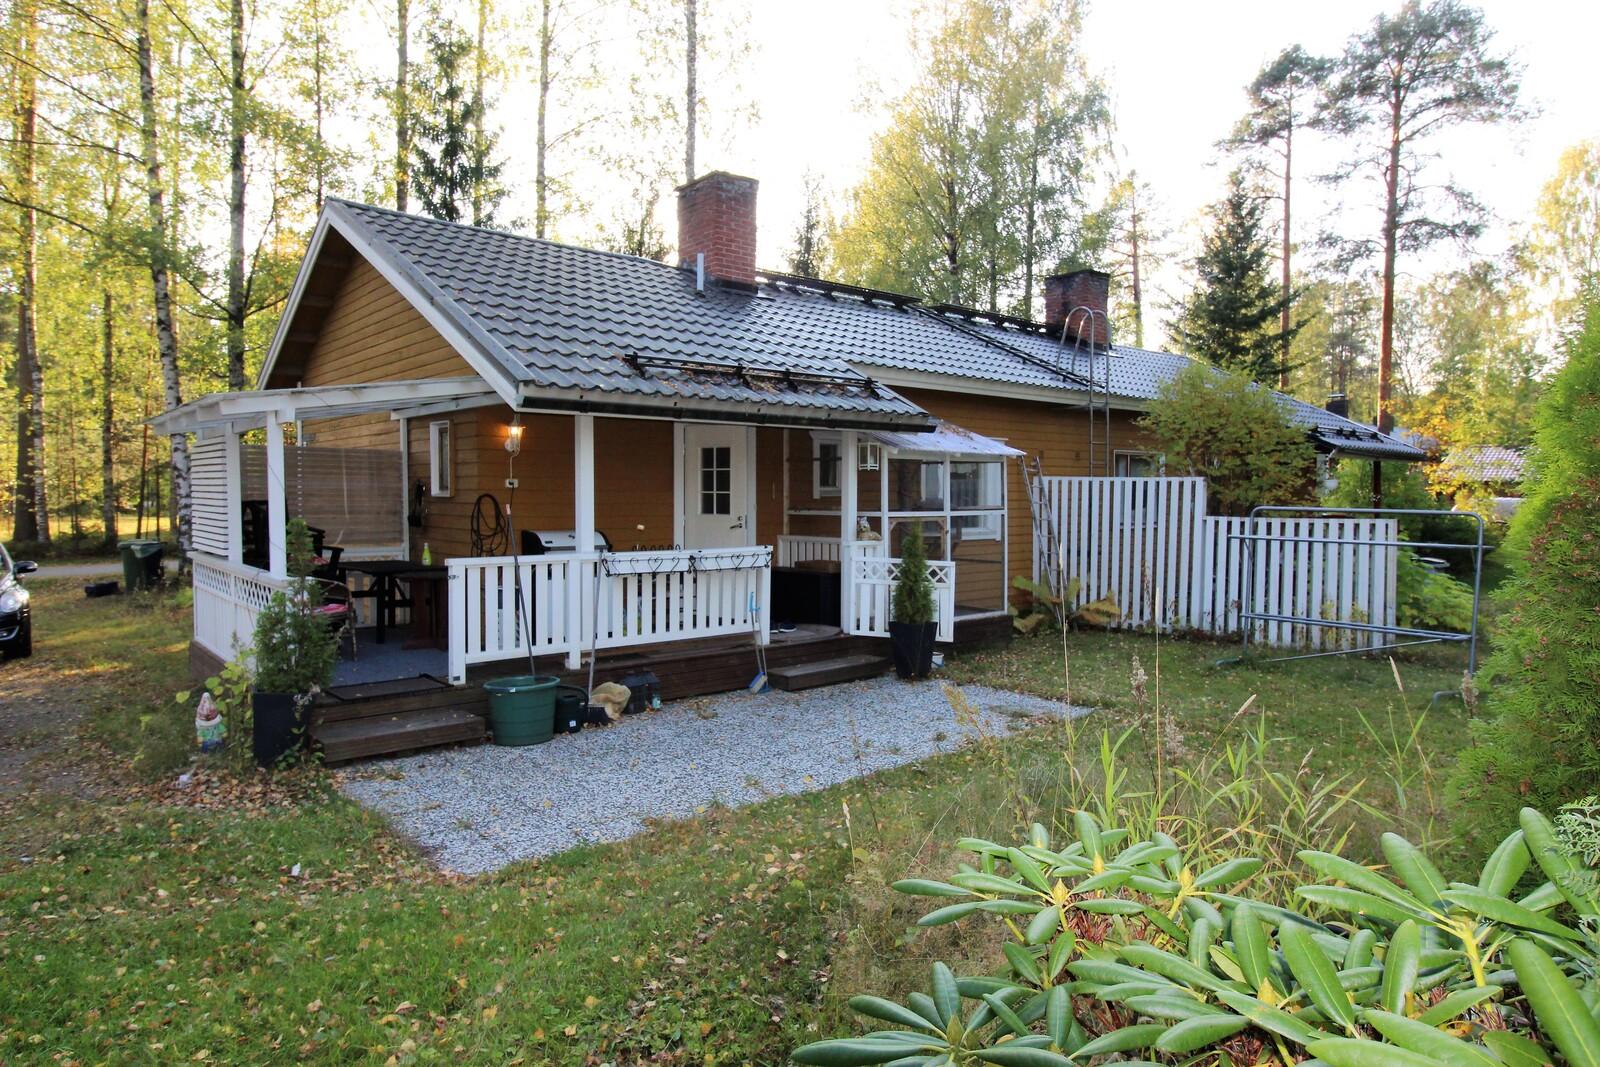 Joutseno, Lappeenranta